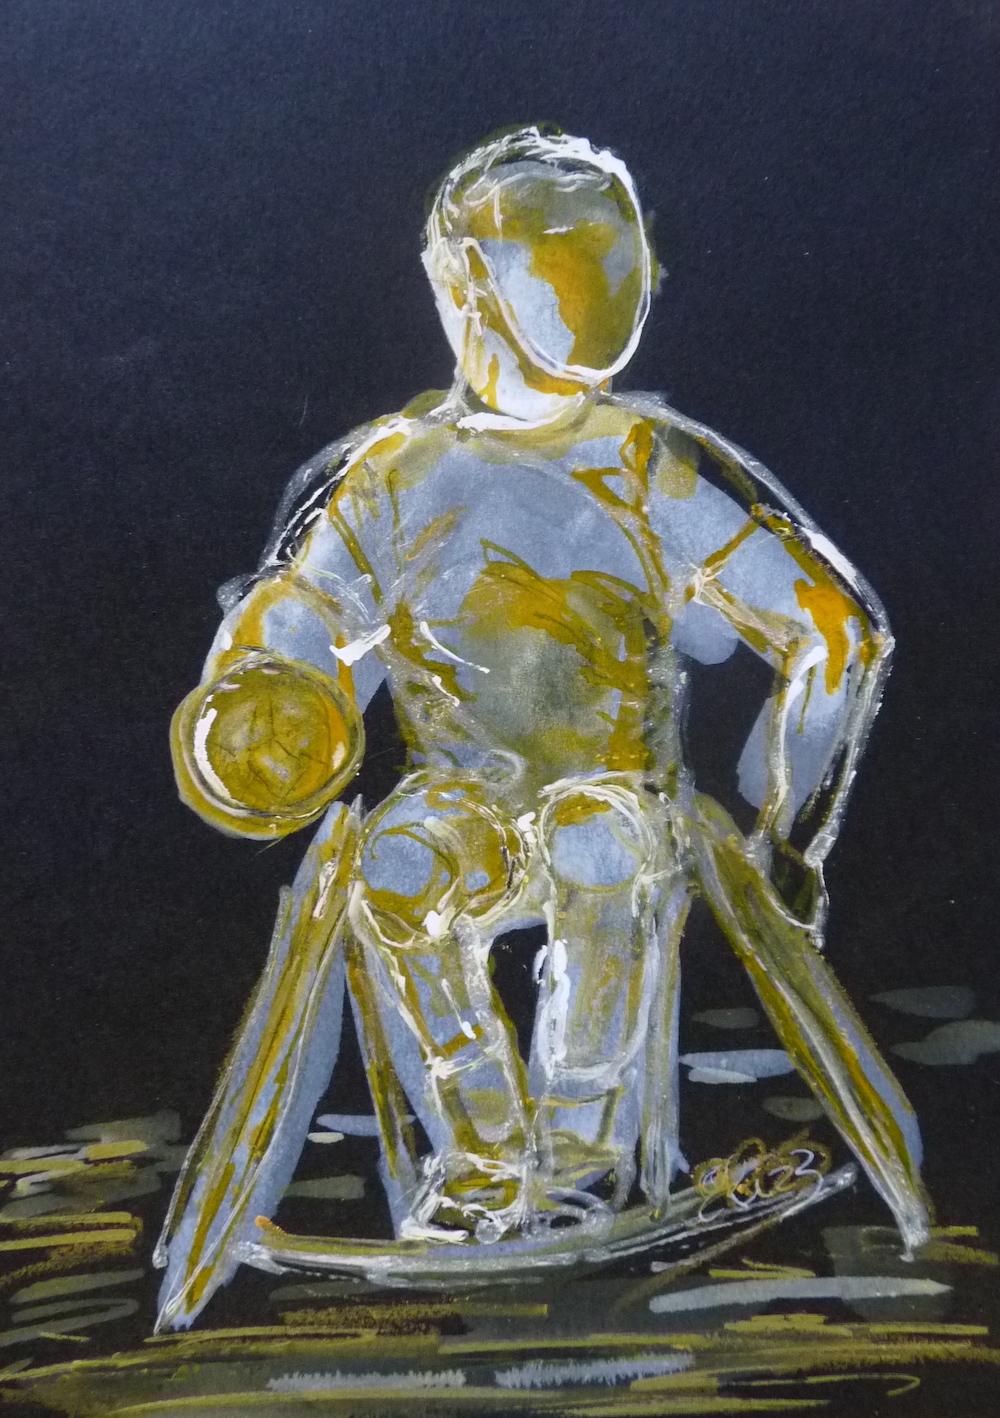 handisport sur fond noir jaune sportif esquisse pigmentropie dessin encre